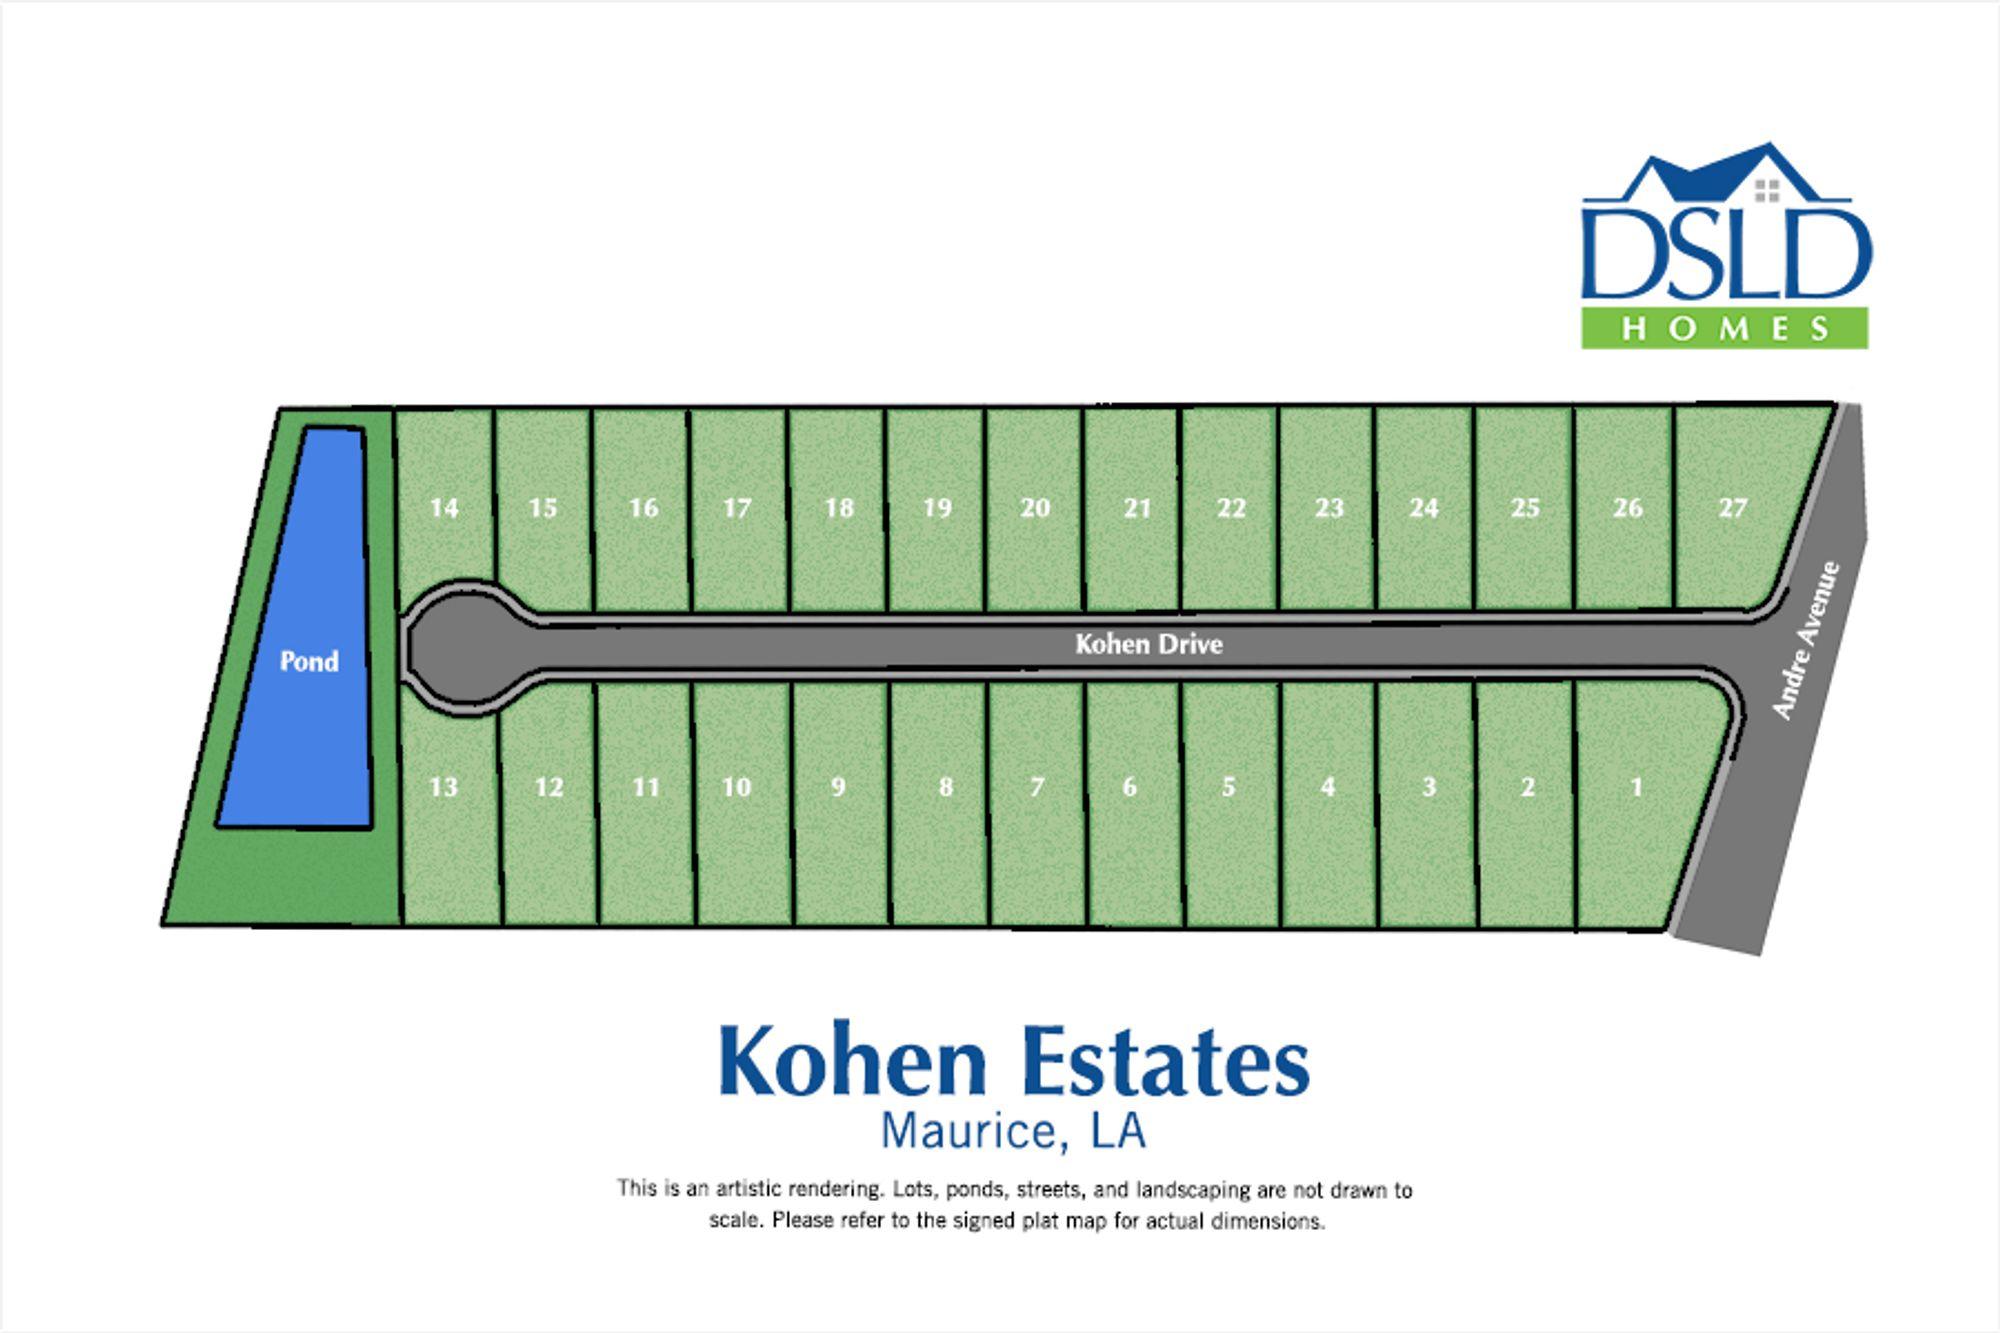 Kohen Estates